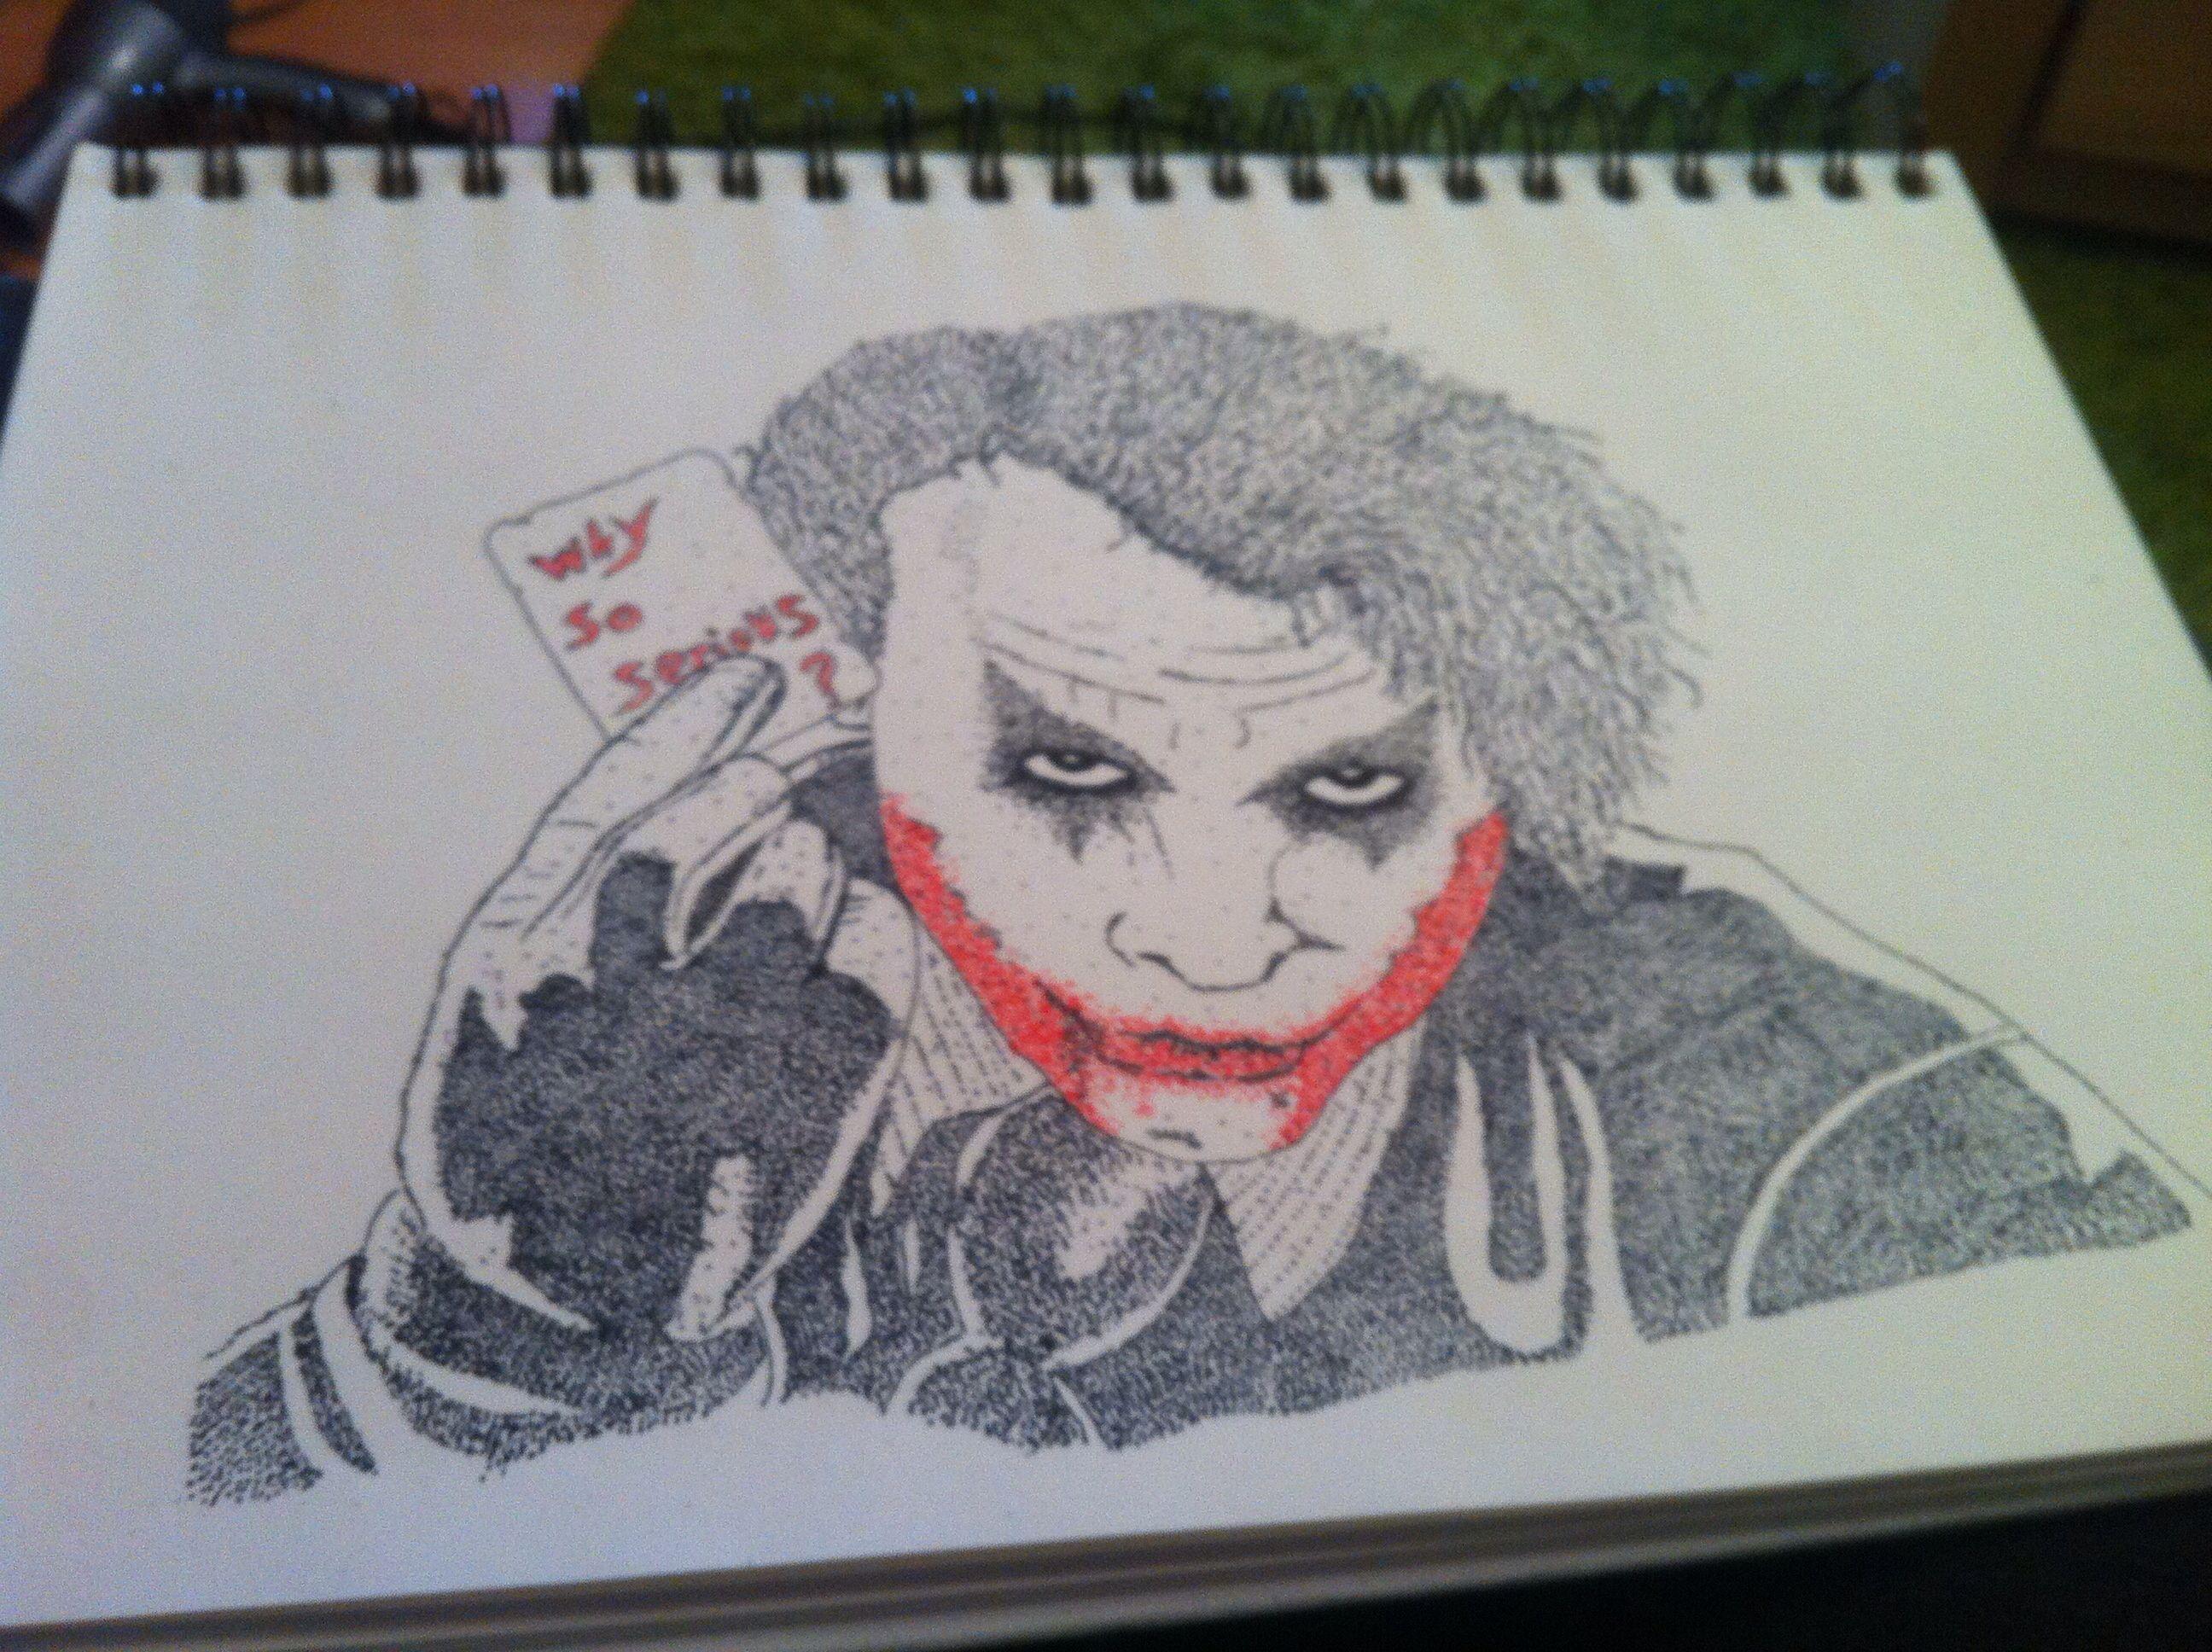 Joker Scribble Drawing : The joker piece by c jagger stippling art